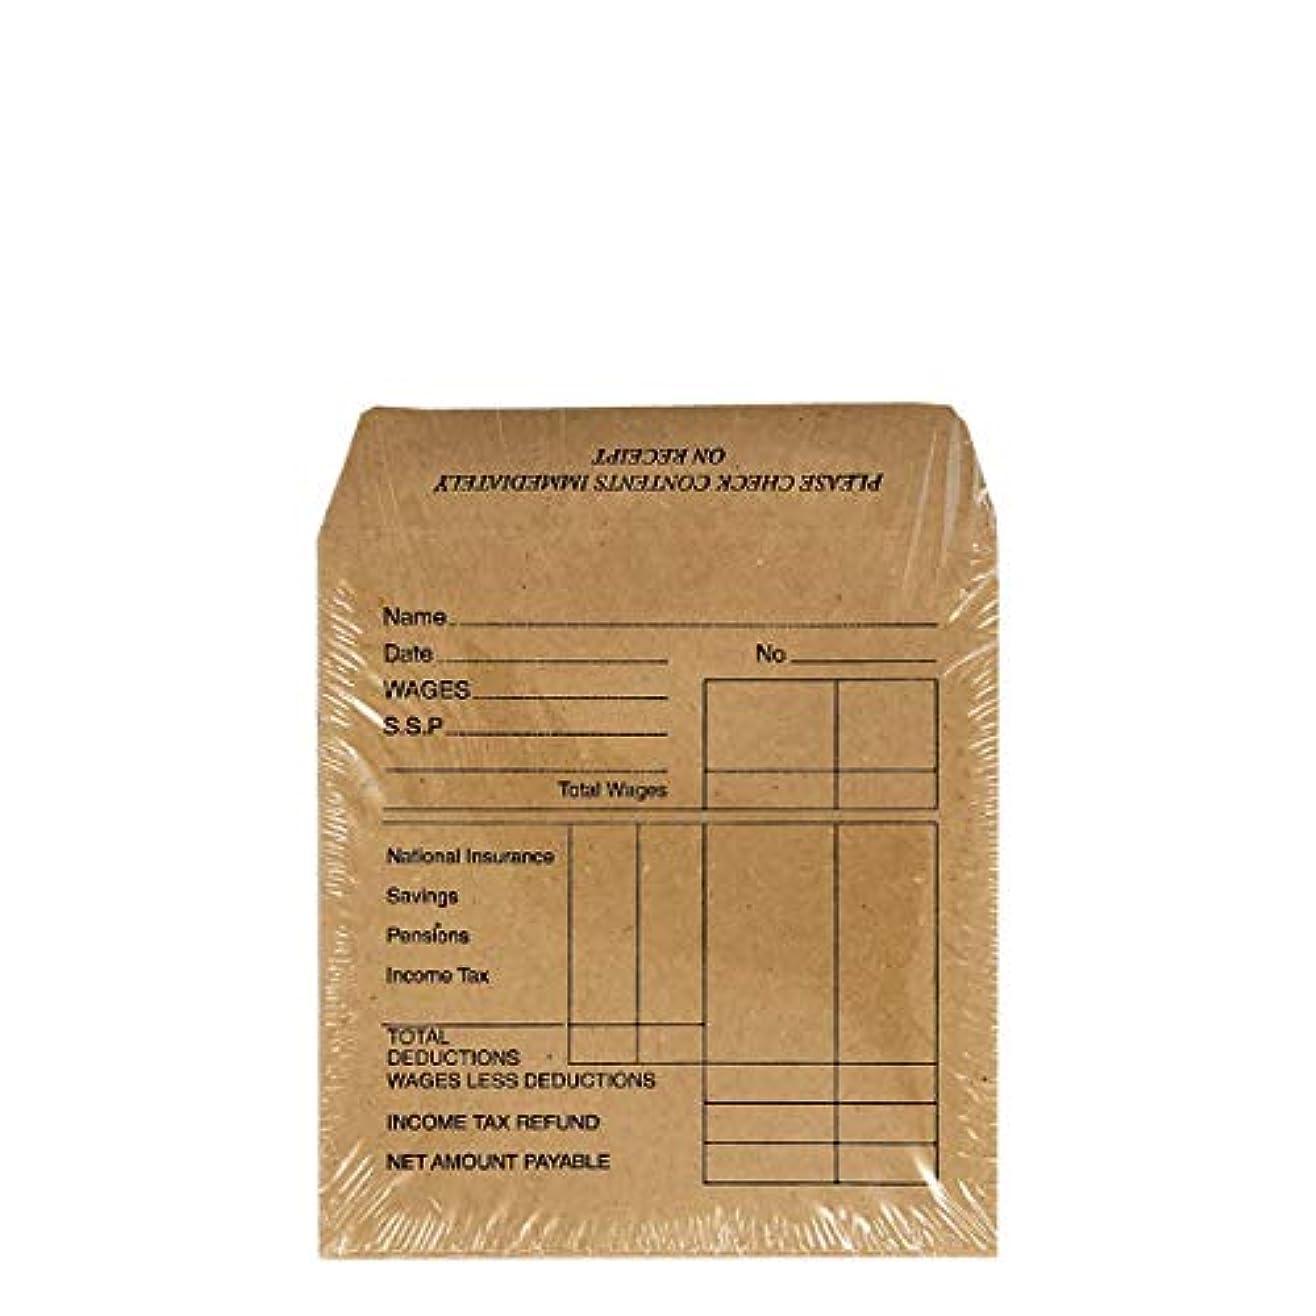 うん引く船乗りアジェンダ サロンコンセプト 賃金支払い 封筒 50[海外直送品] [並行輸入品]